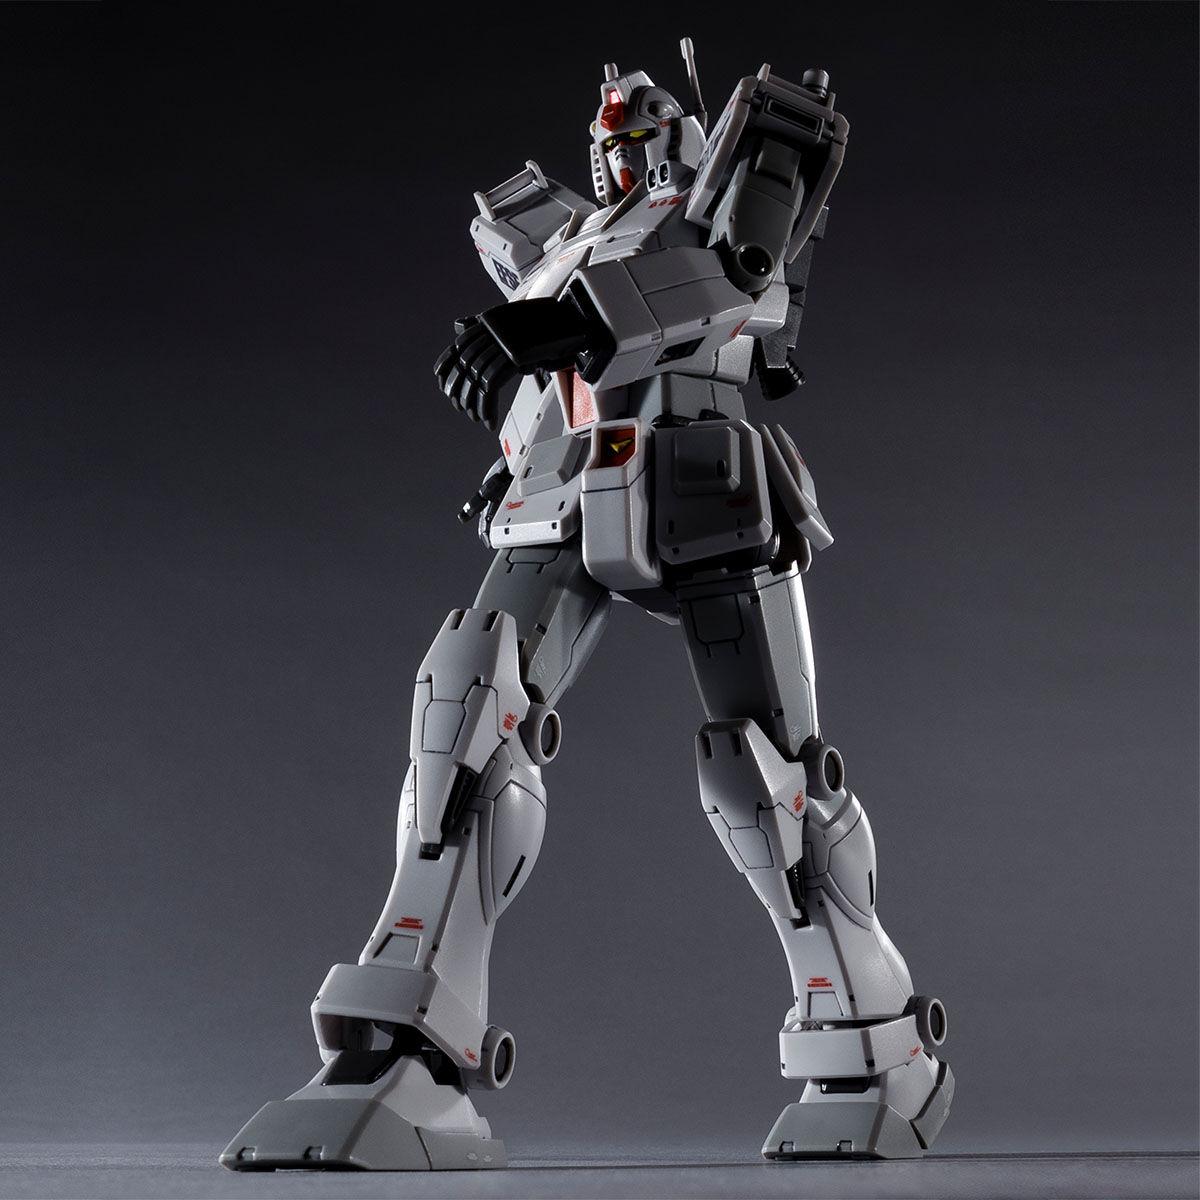 【限定販売】【2次】HG 1/144『RX-78-02 ガンダム ロールアウトカラー(GUNDAM THE ORIGIN版)』プラモデル-006